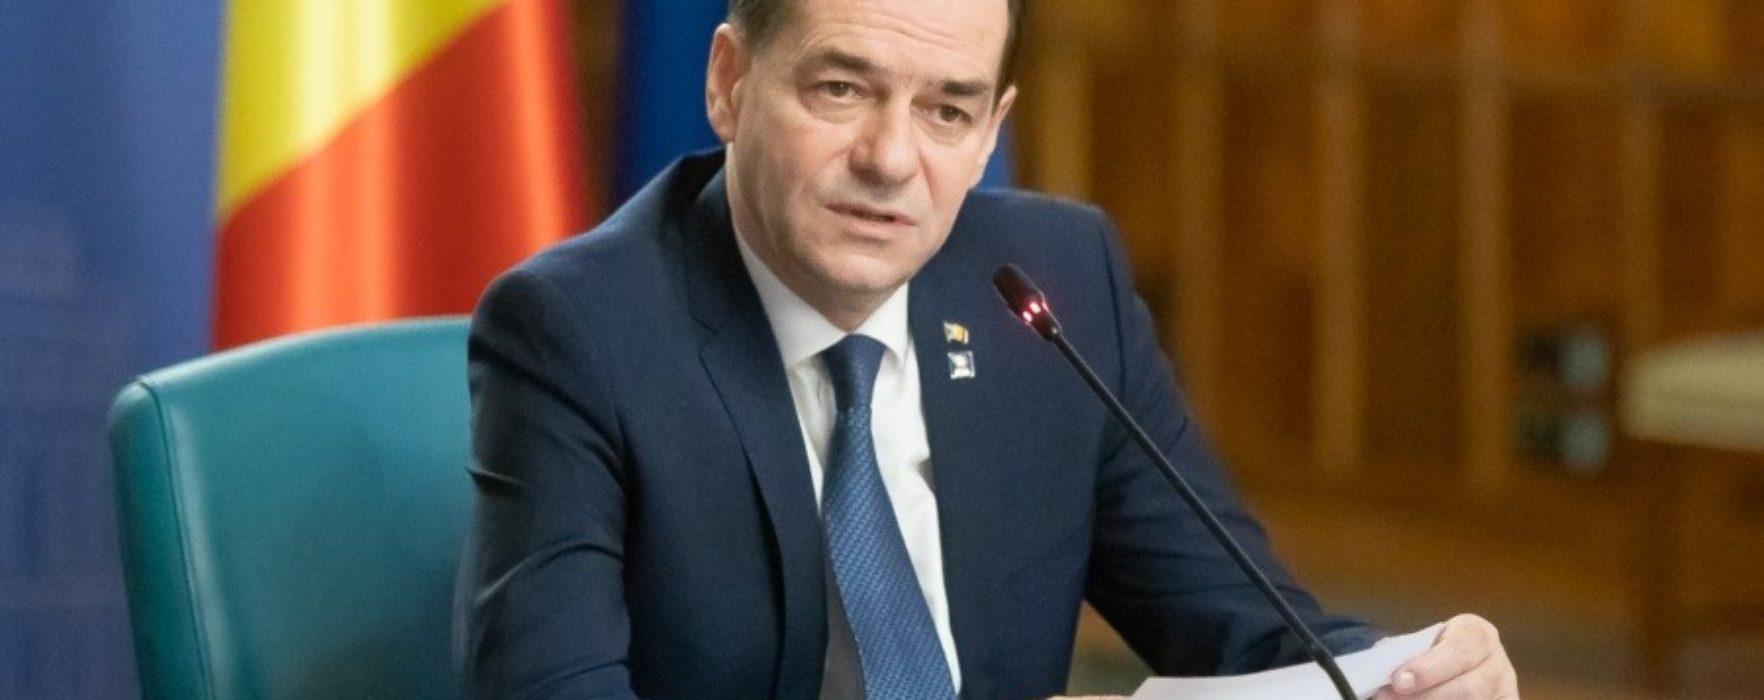 Premierul Orban vine miercuri la uzina de la Dragomireşti, unde se vor produce măşti